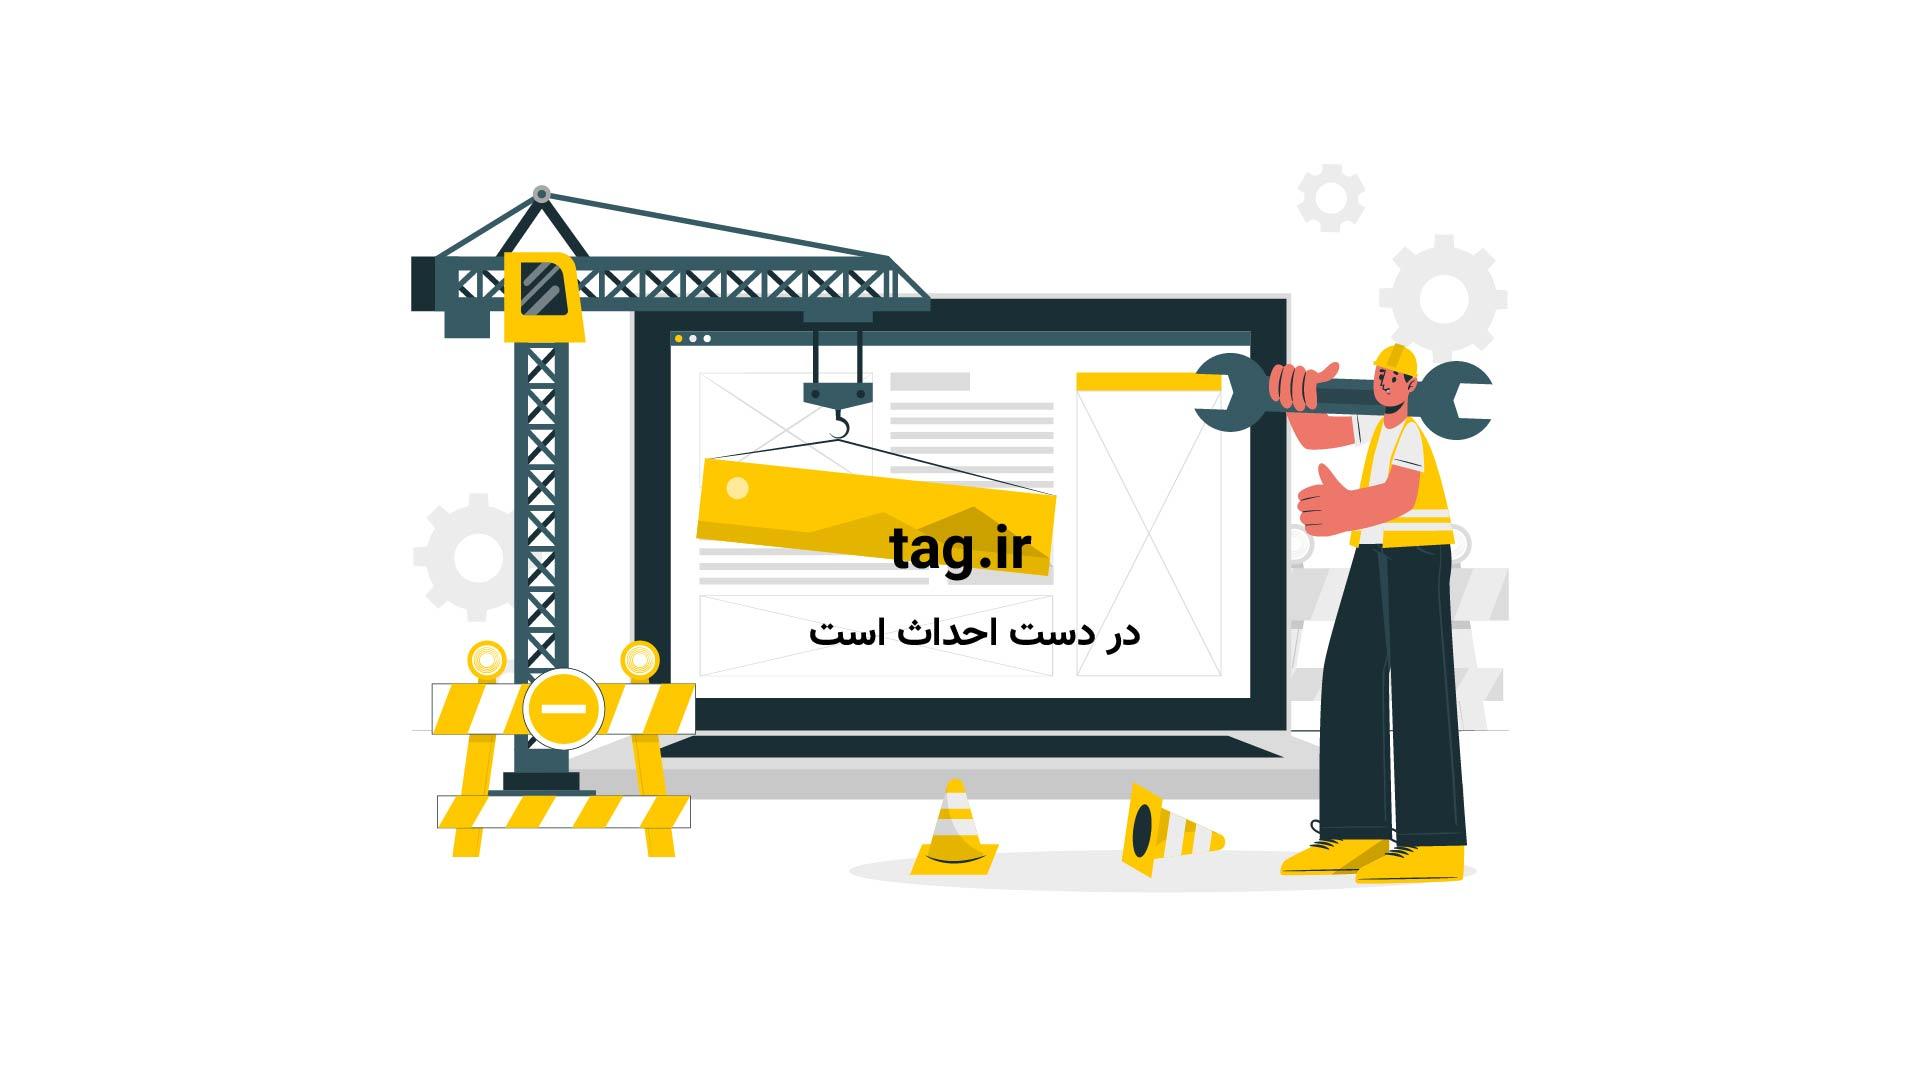 شکست تیم ملی والیبال ایران از صربستان در ورزشگاه آزادی | فیلم